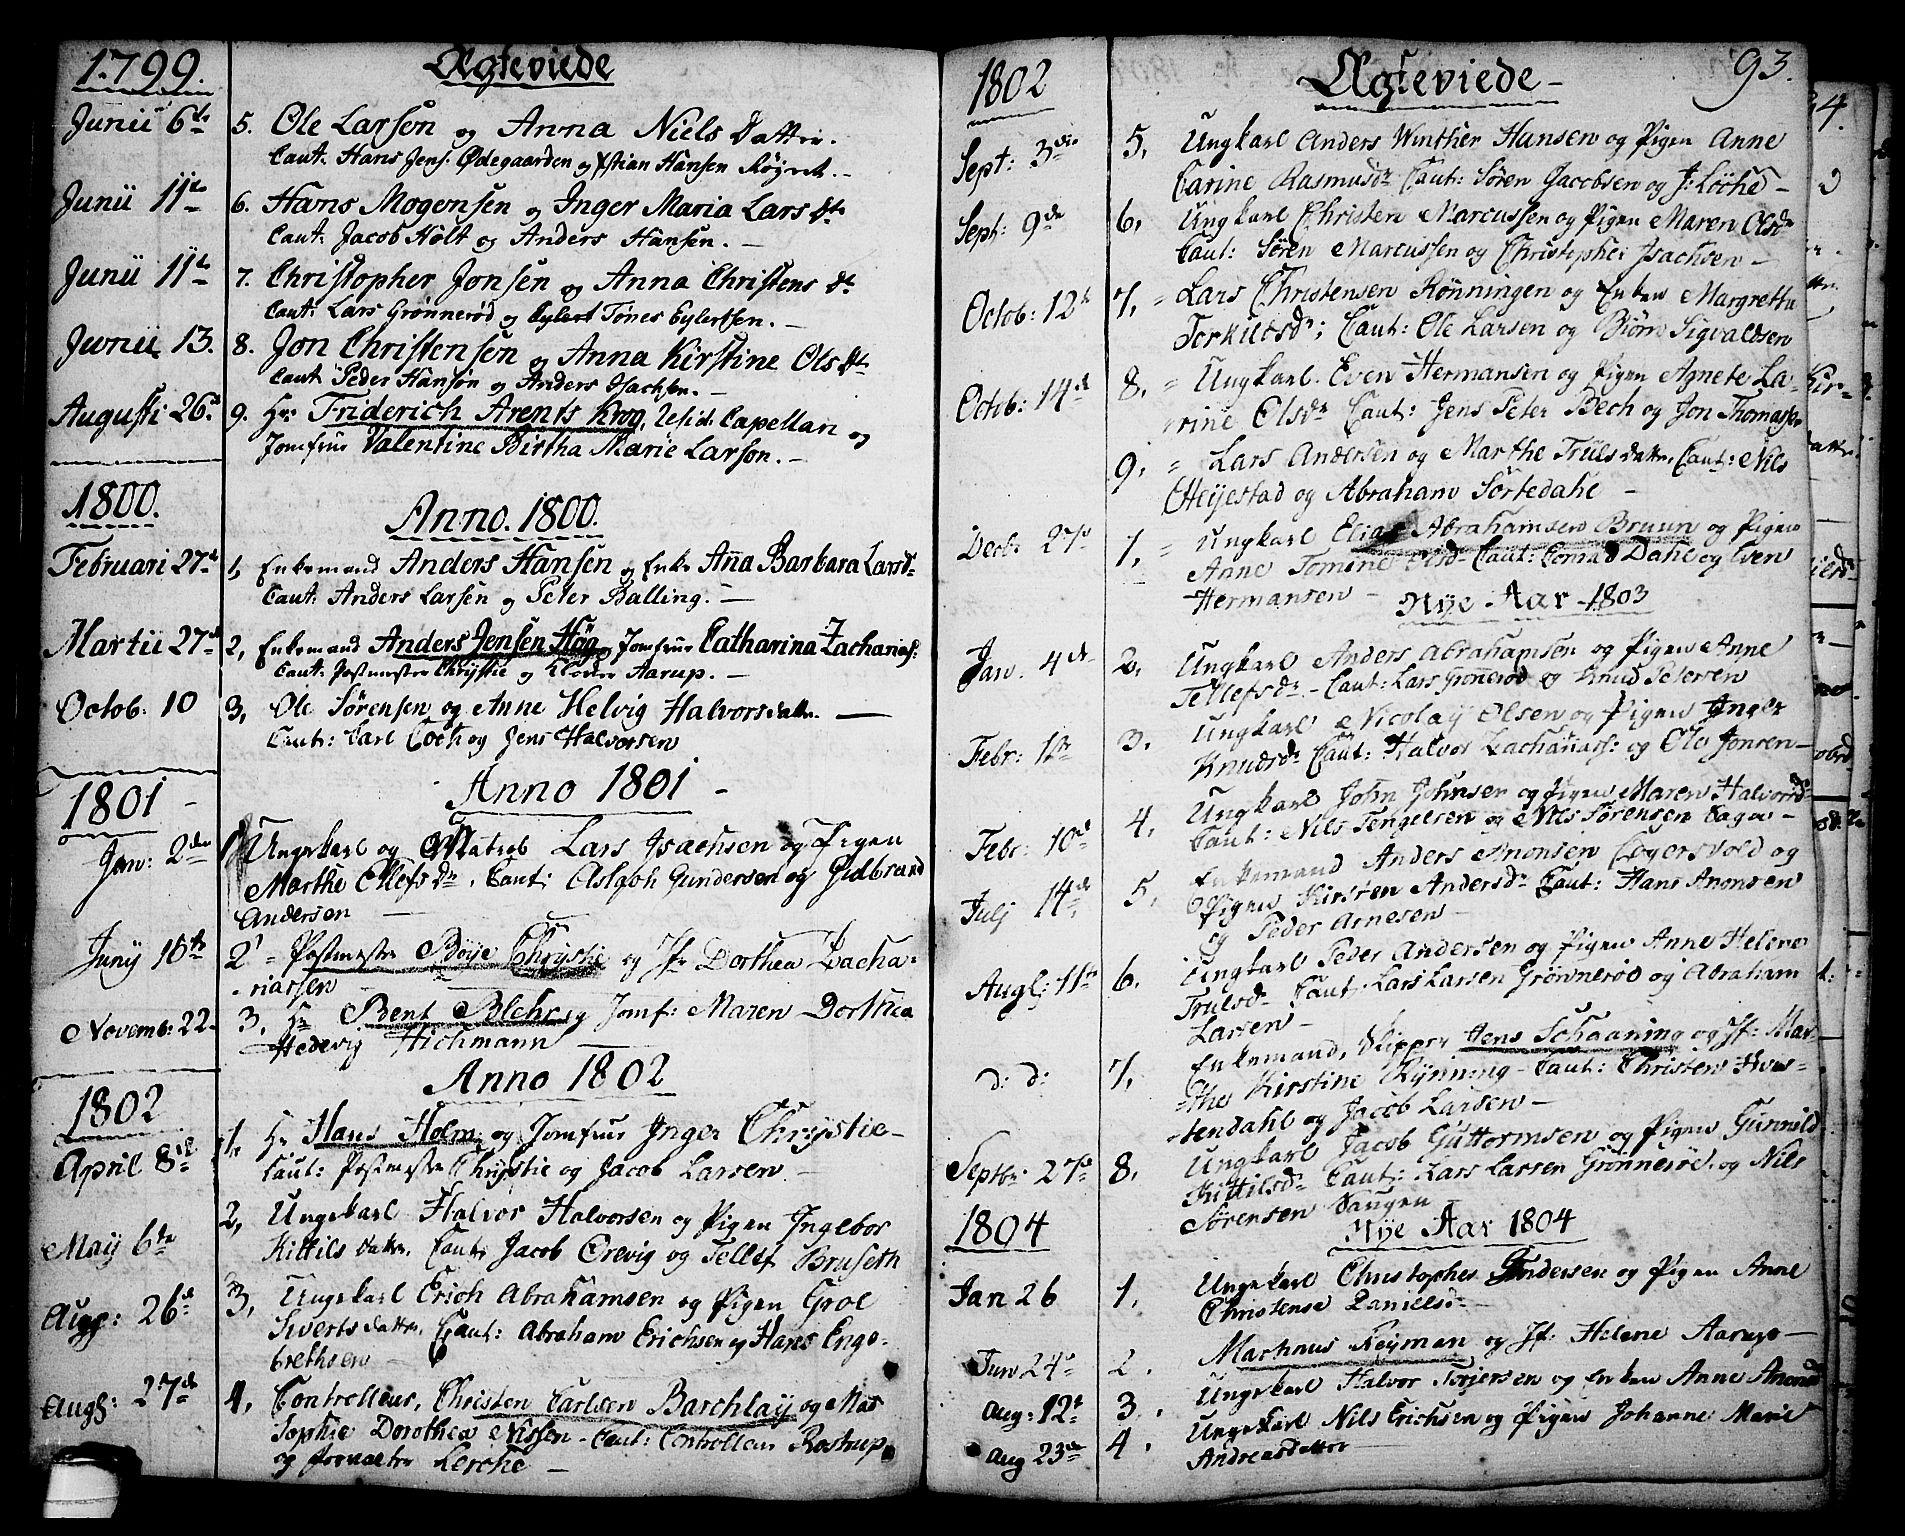 SAKO, Brevik kirkebøker, F/Fa/L0003: Ministerialbok nr. 3, 1764-1814, s. 93